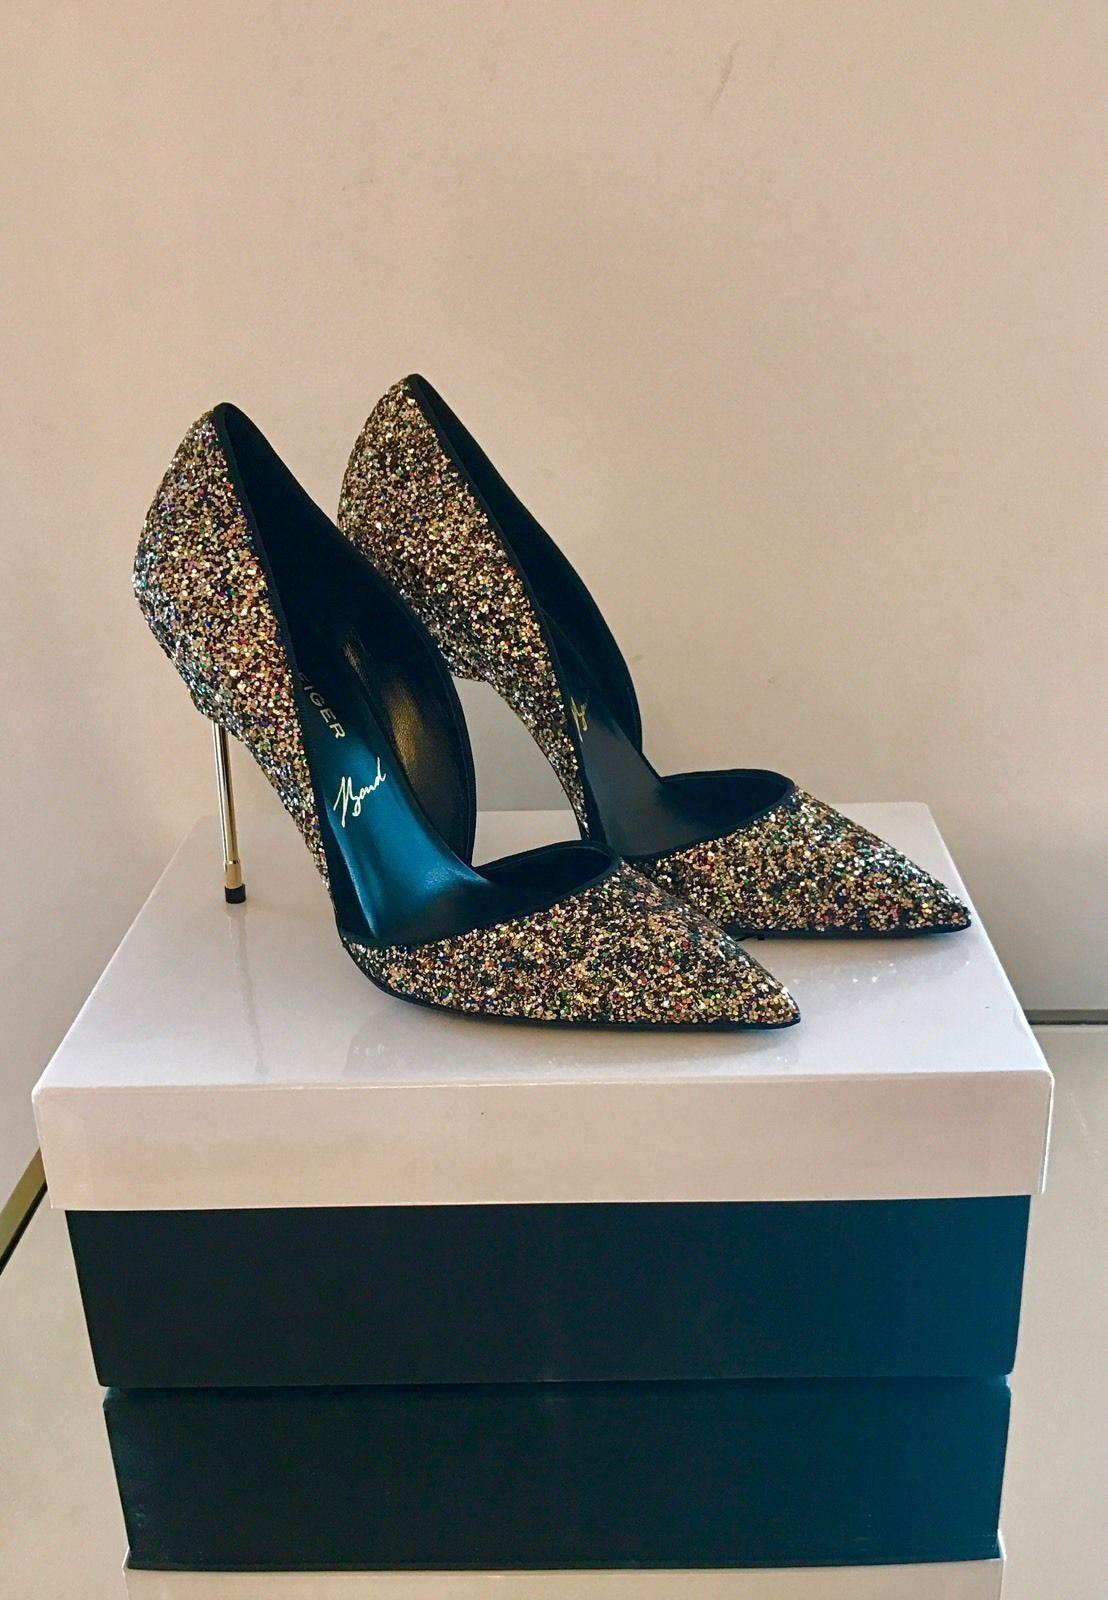 Kurt Geiger London Bond Black & gold Glitter Court shoes Size 4 EU 37 New In Box